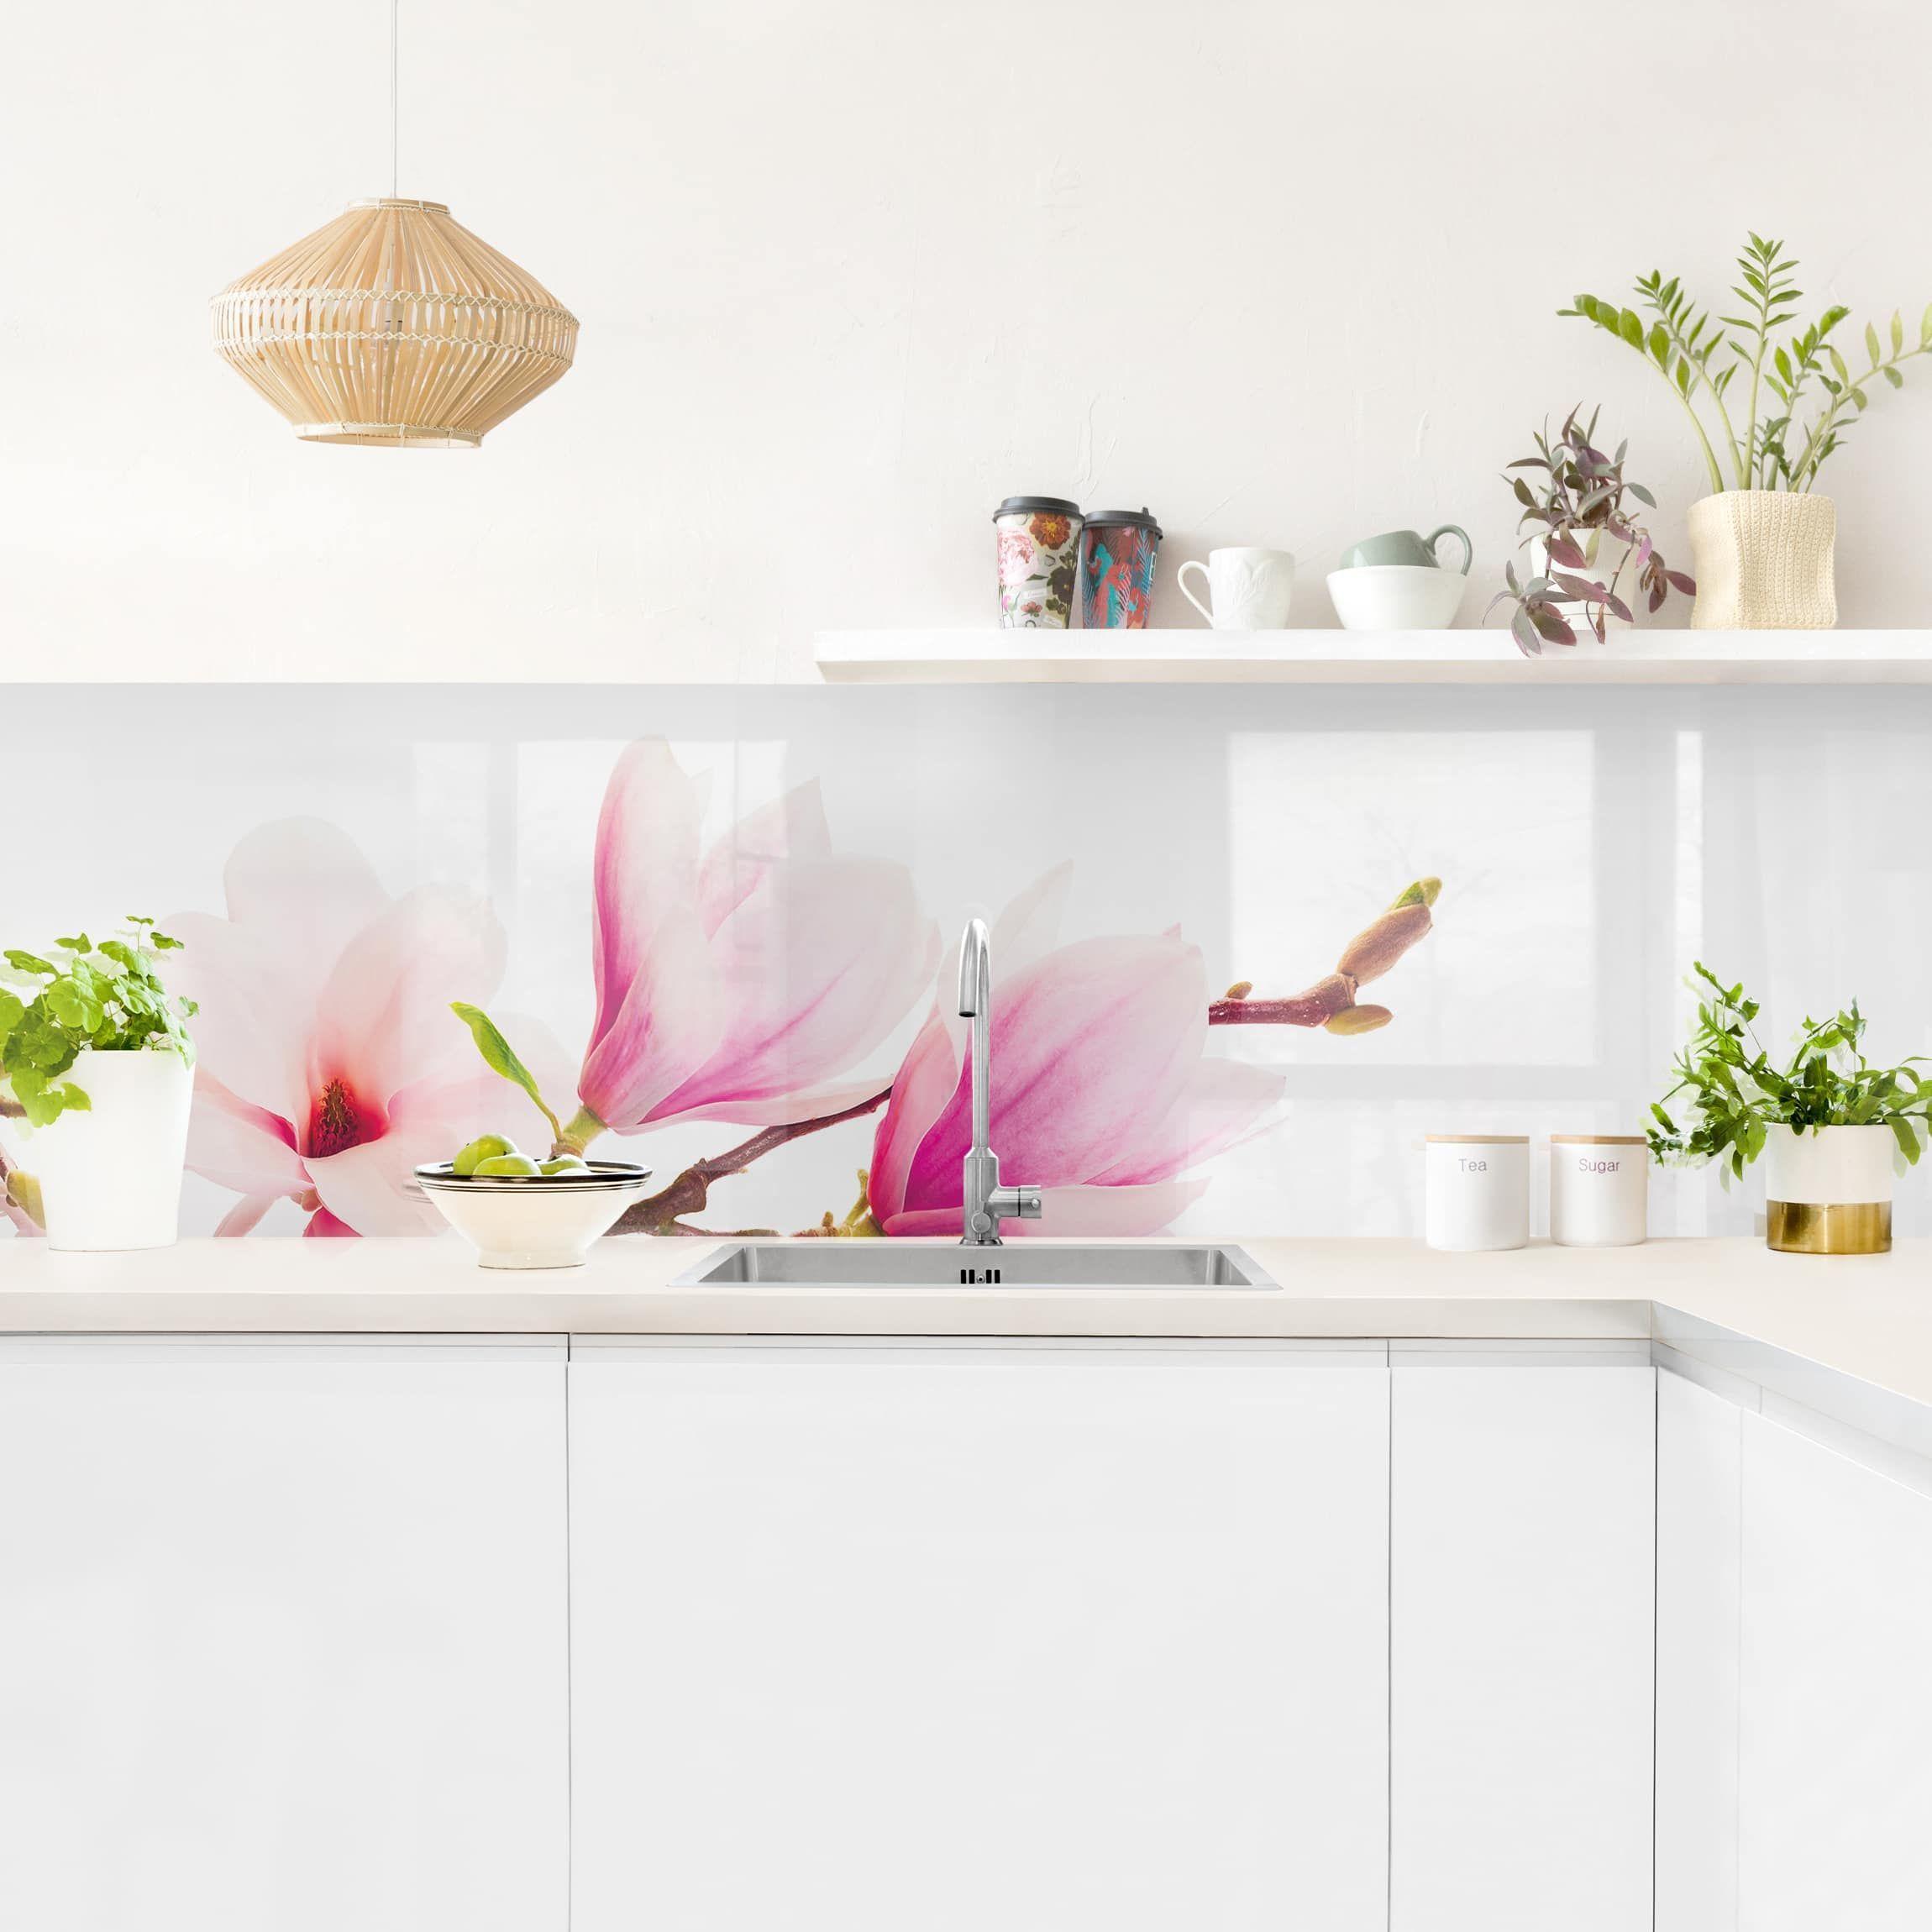 Auf der Suche nach Blumen Küchenrückwand Ideen? Du hast keine